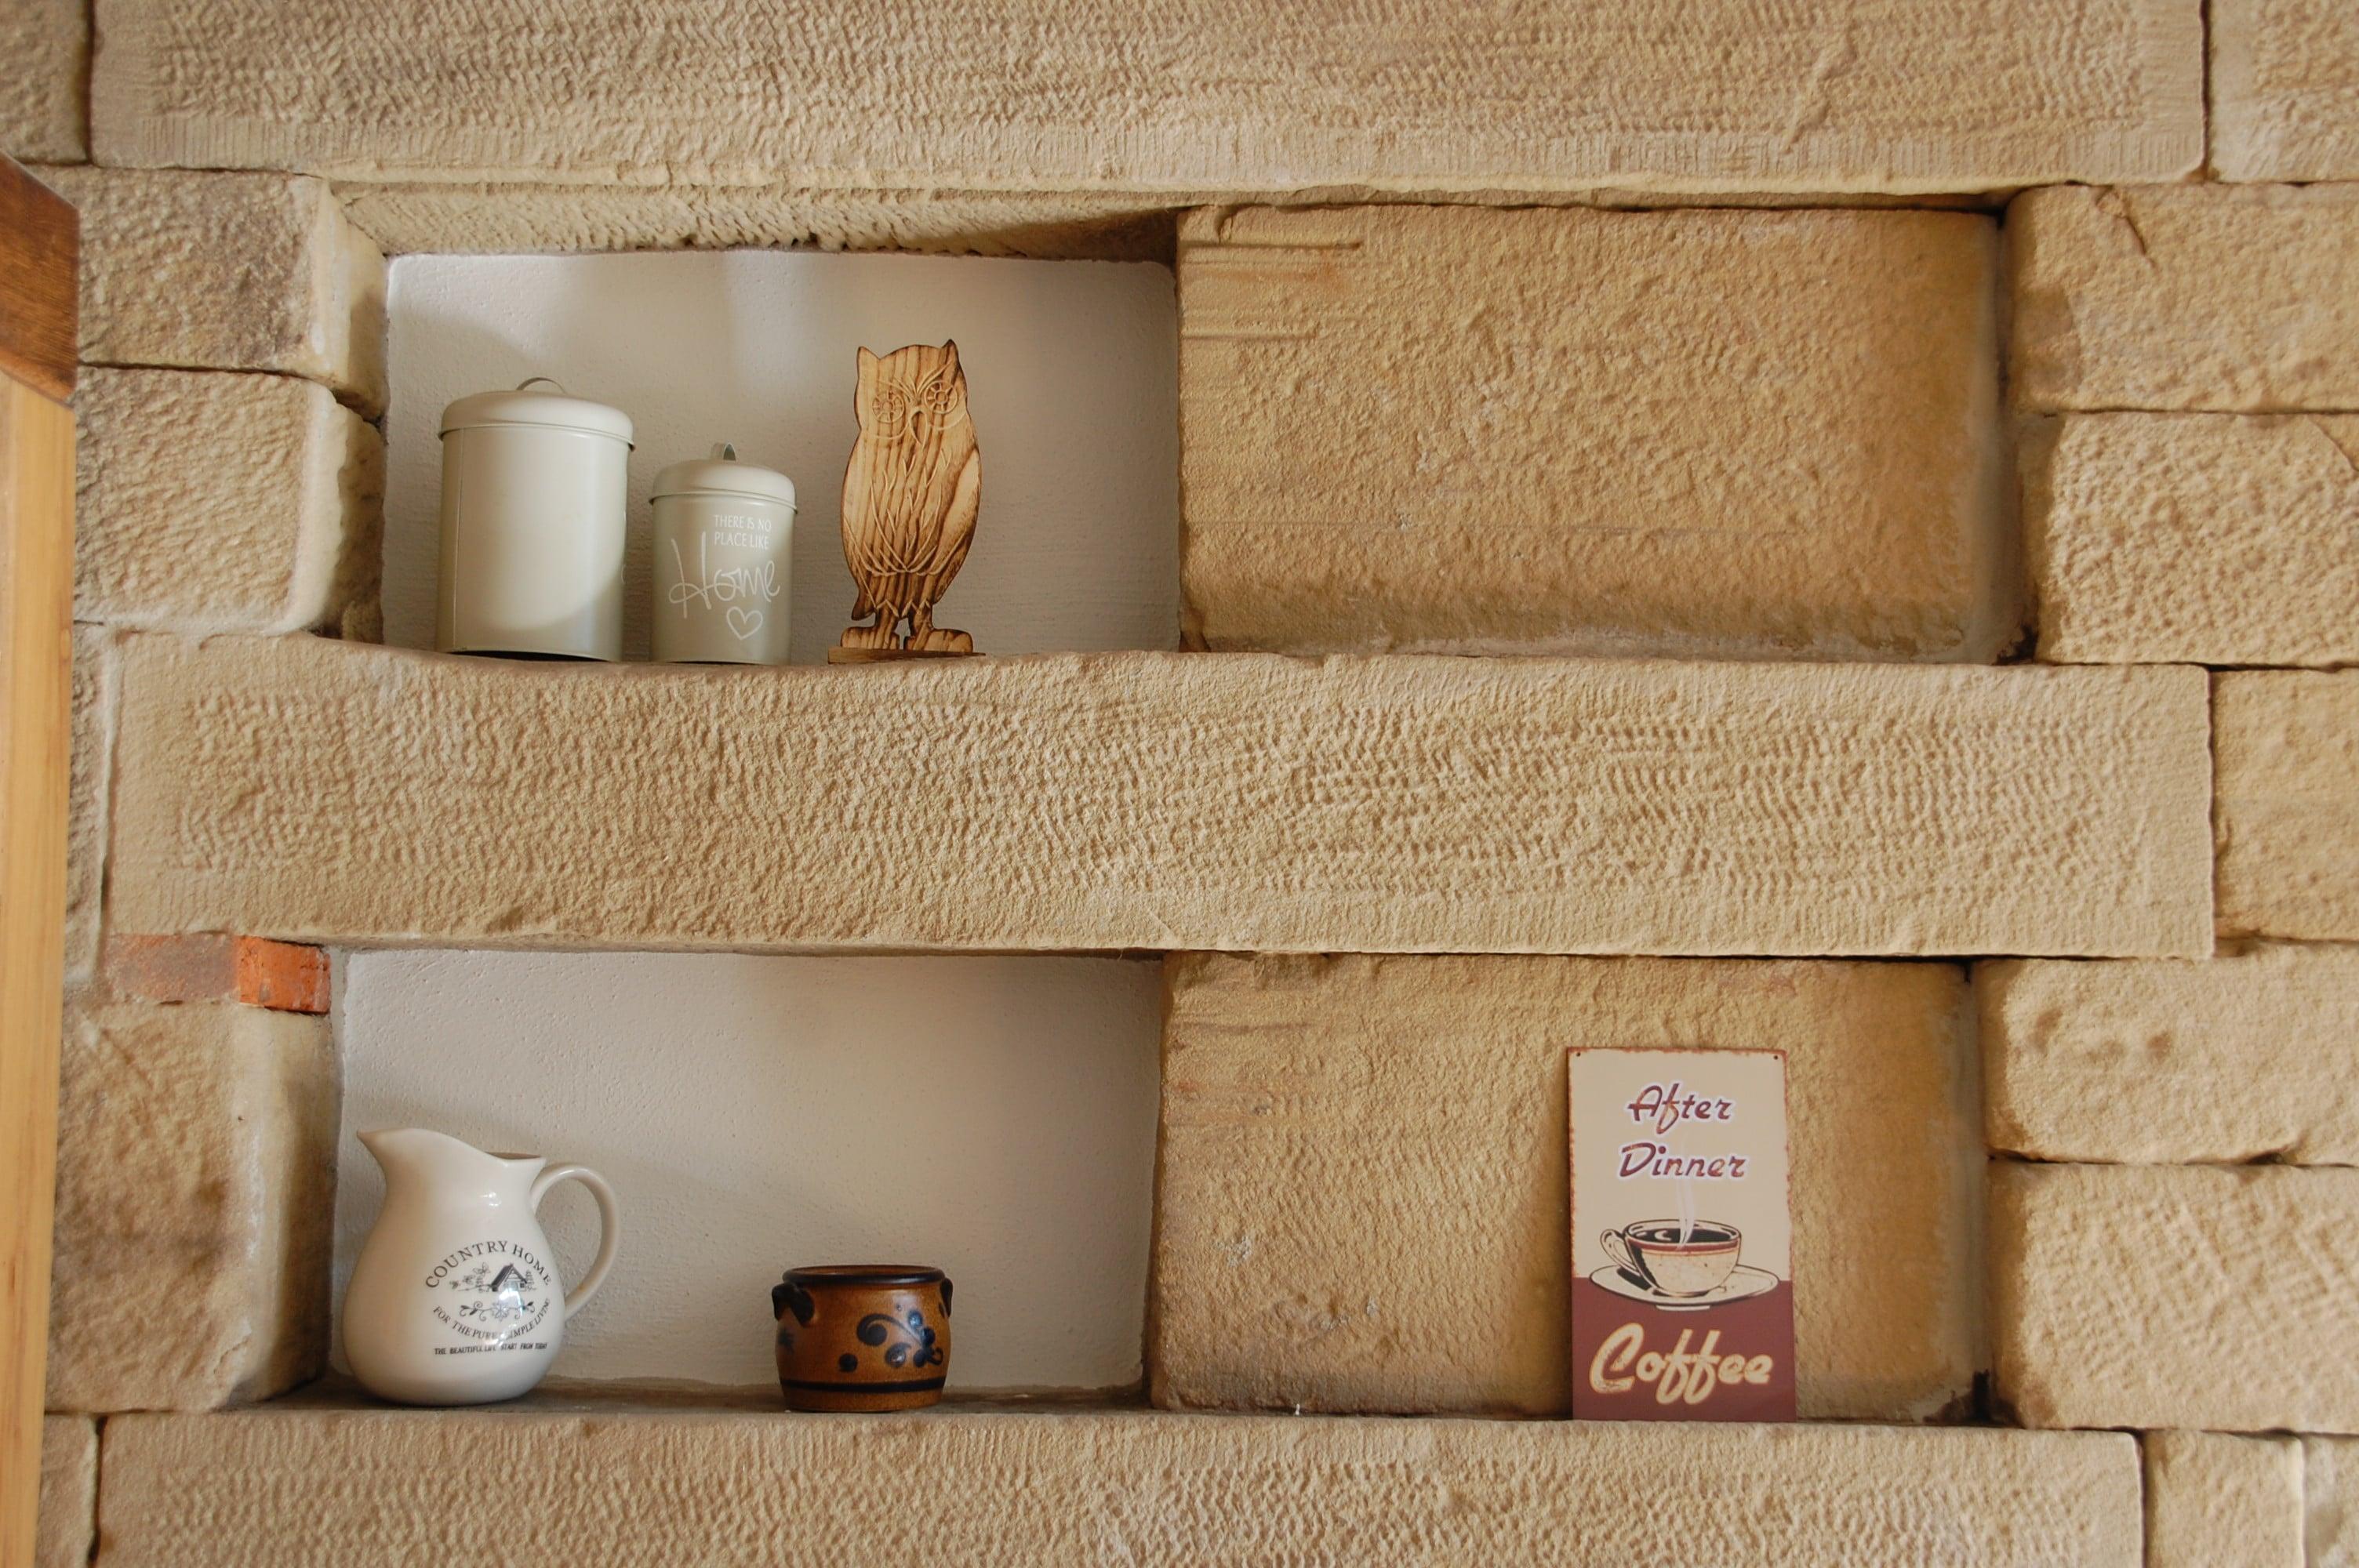 Sandsteinwand in der Wohnung mit Dekoration